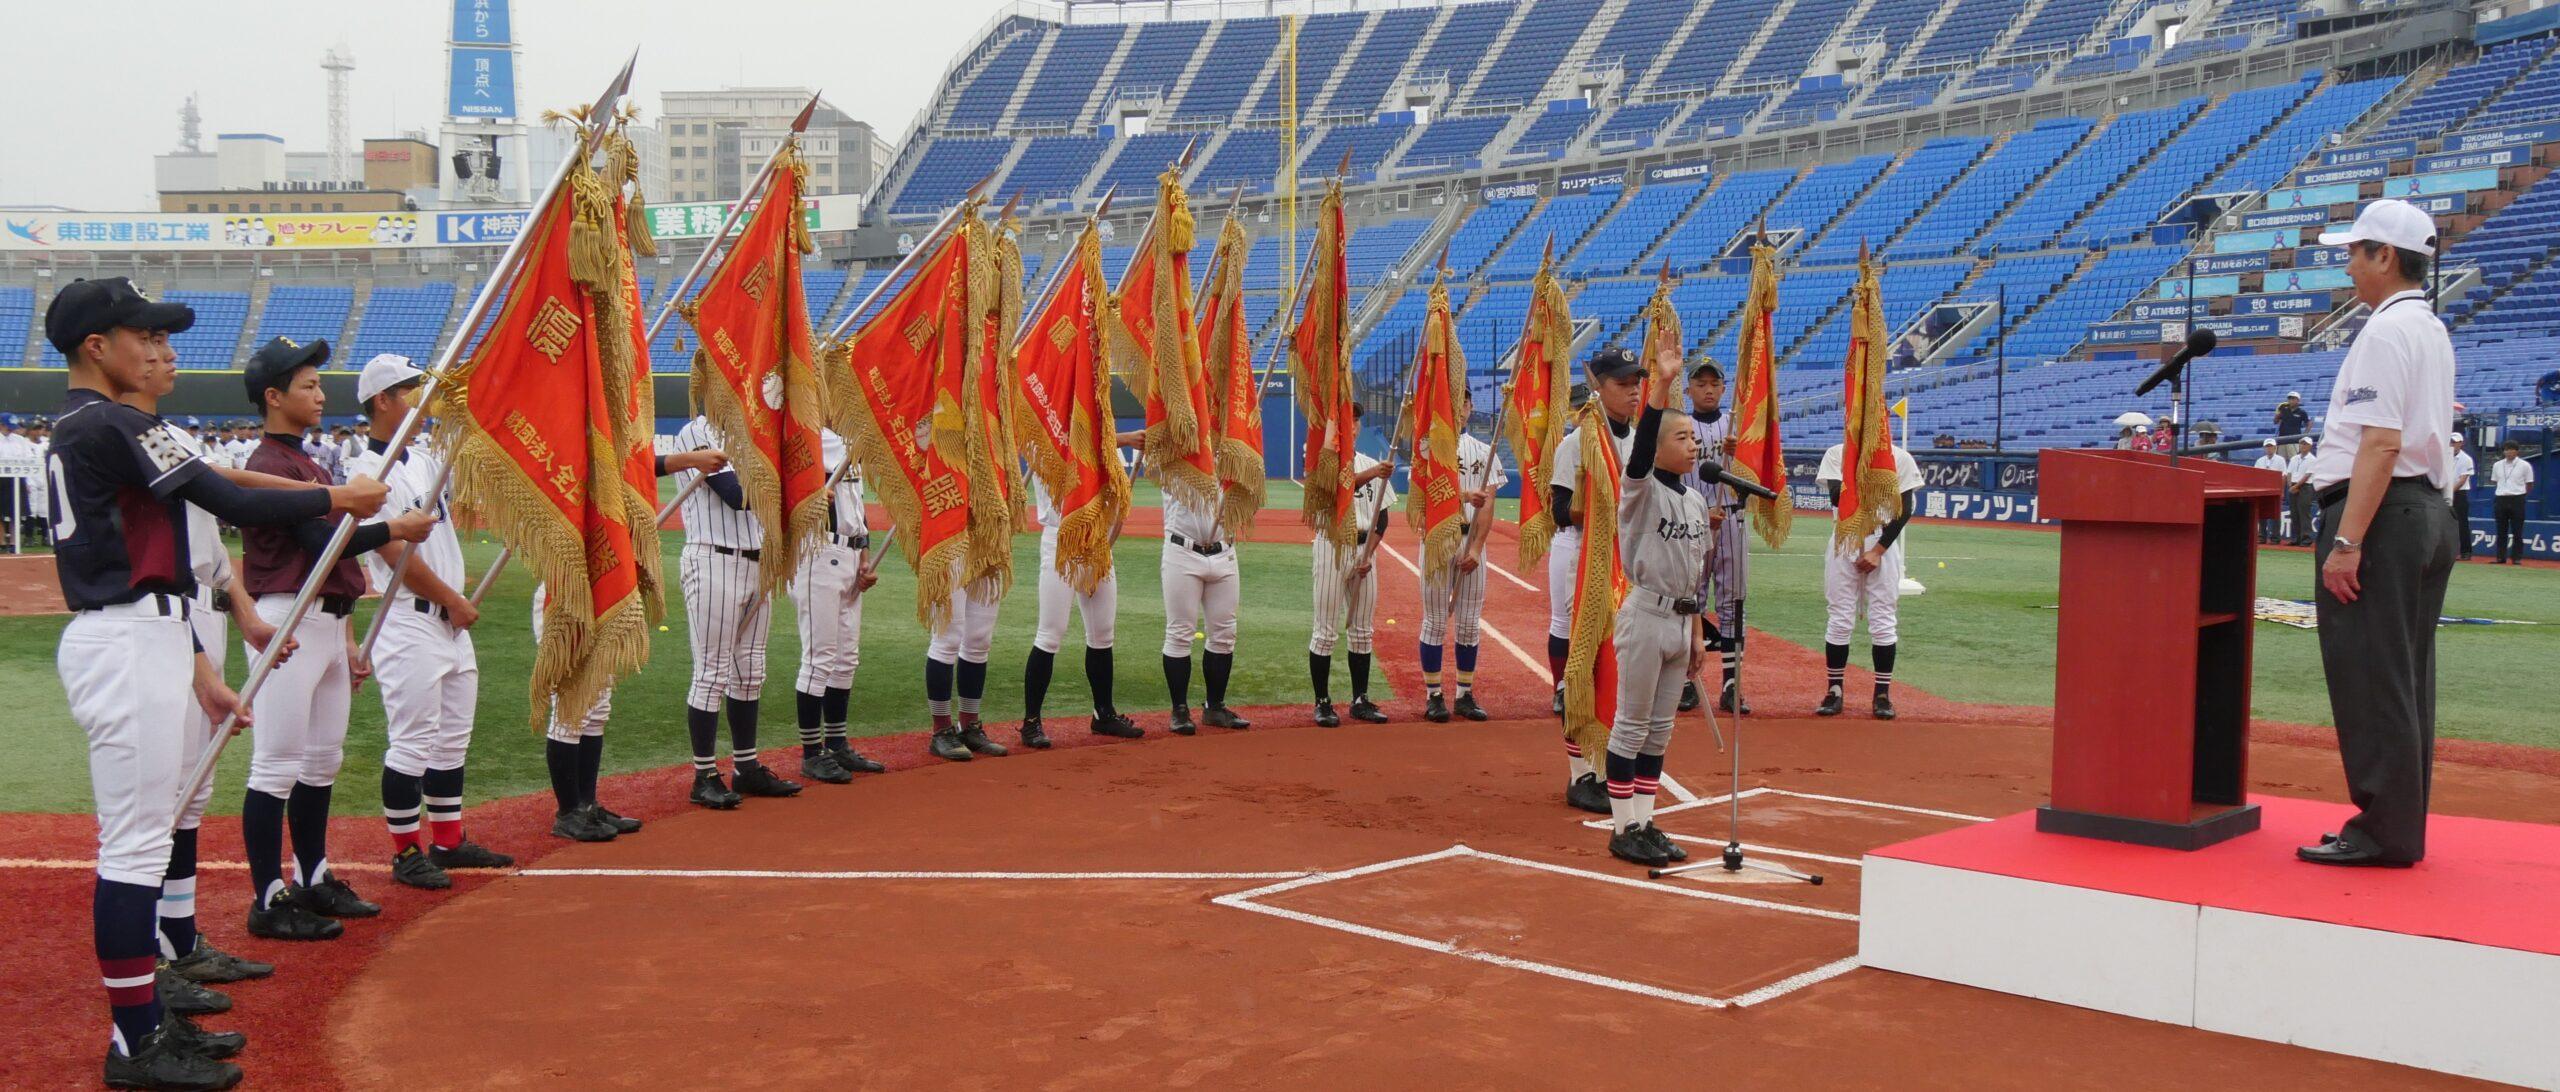 神奈川県野球連盟